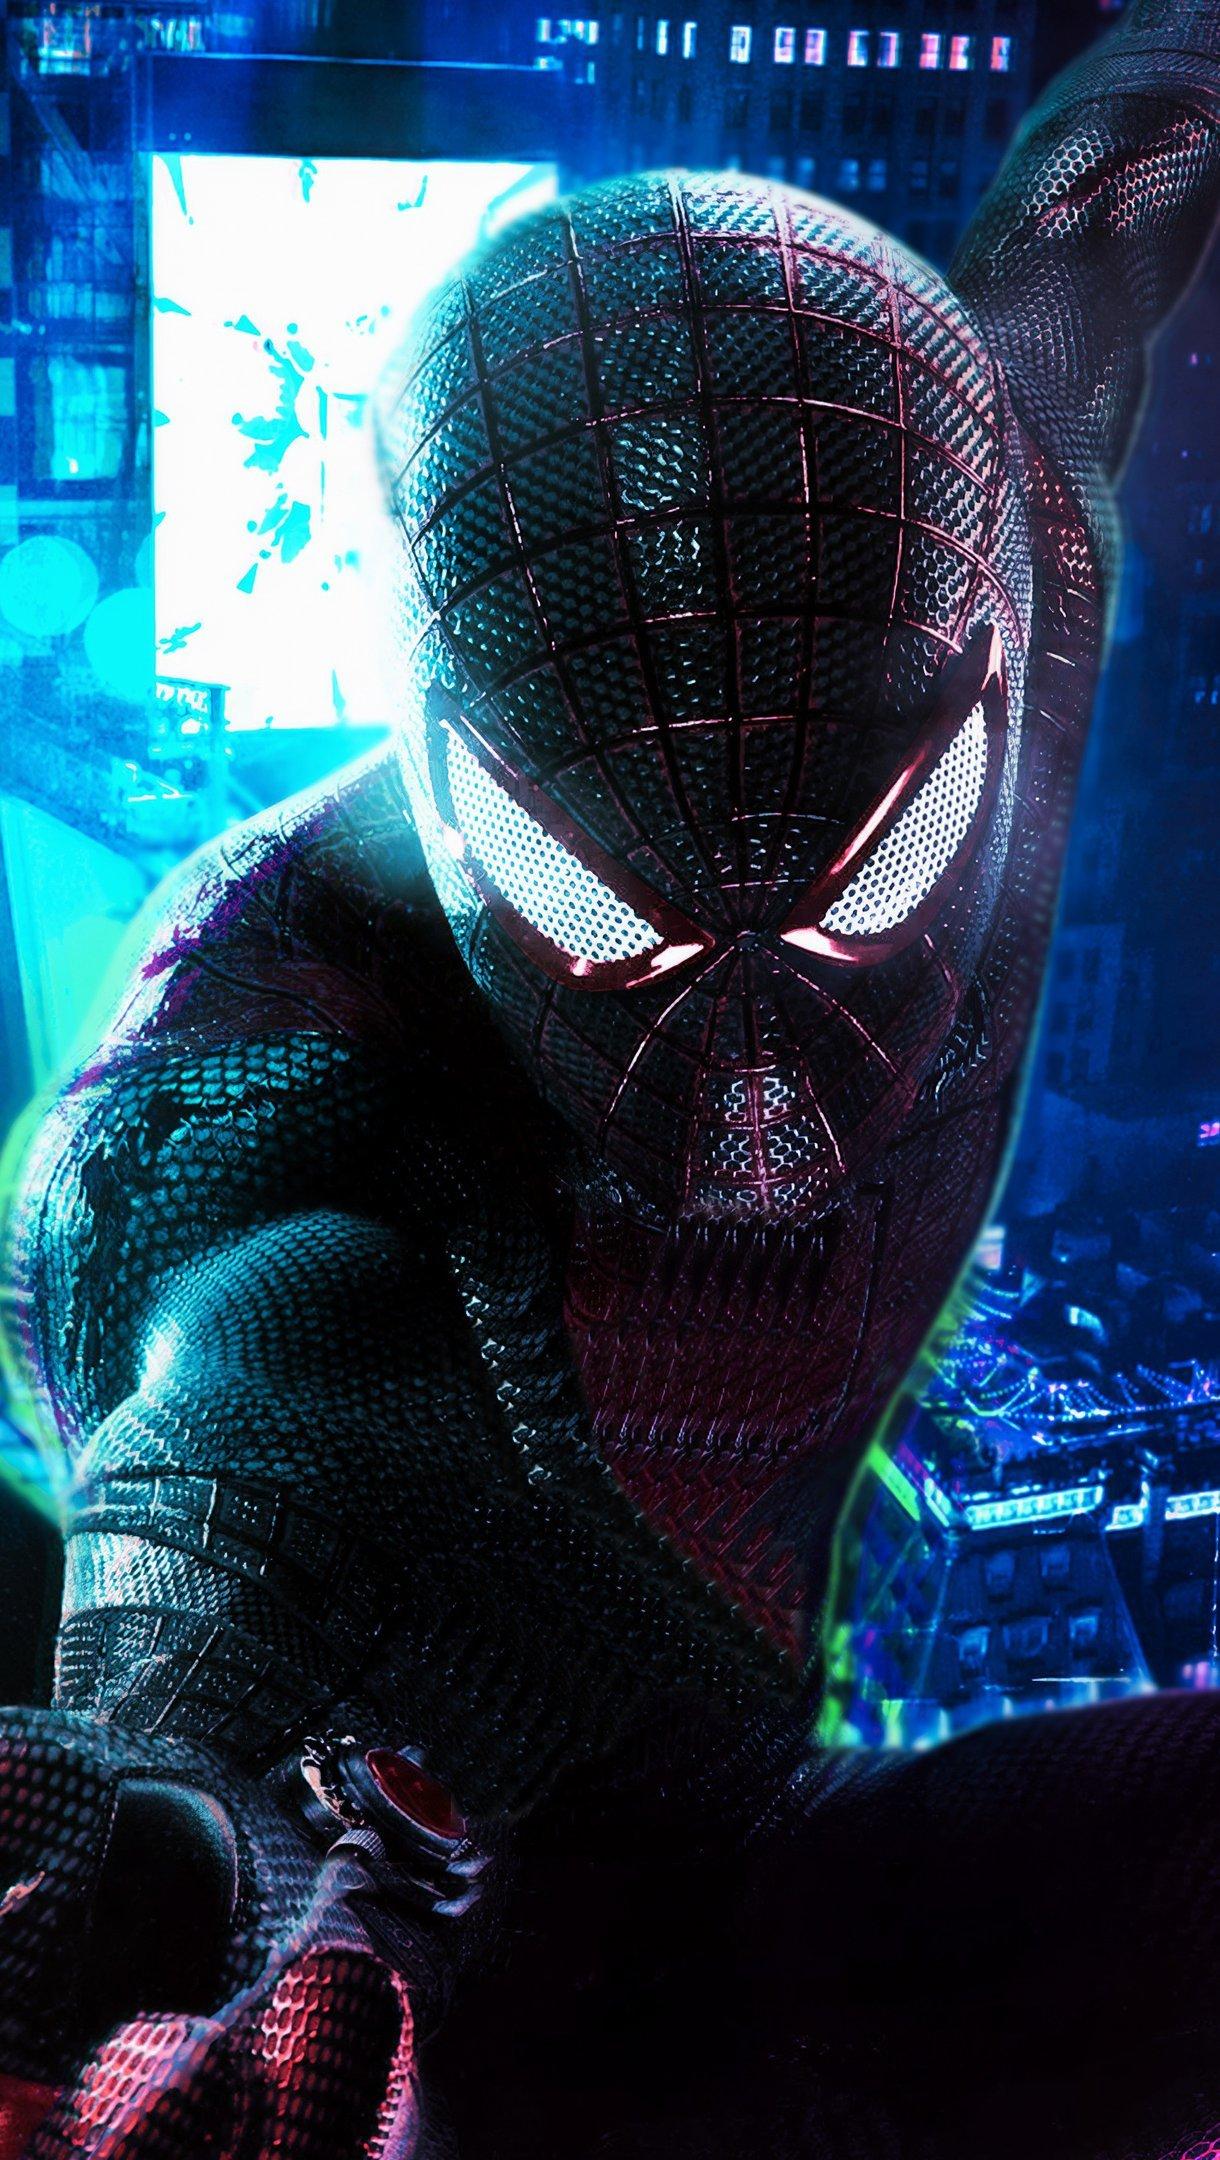 Fondos de pantalla Cyberpunk Hombre Araña Fanart Vertical